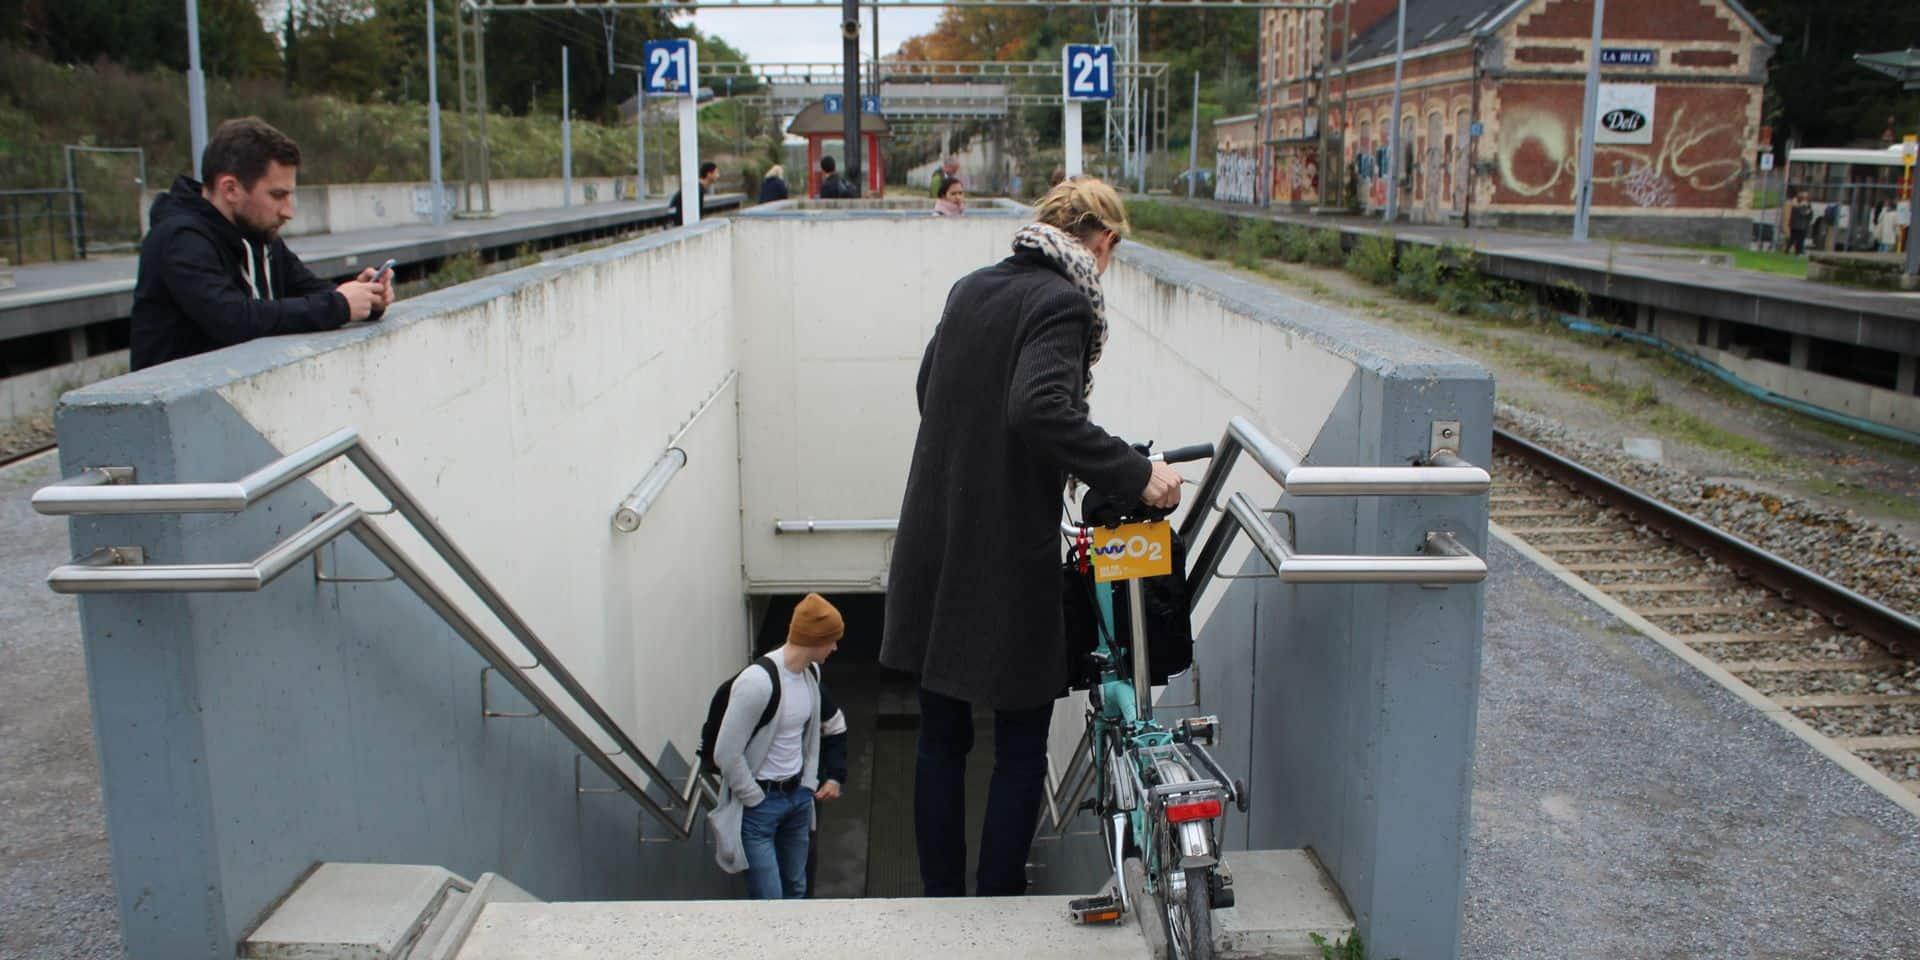 Cela fait des années que les ascenseurs PMR sont promis pour la SNCB/Infrabel. Et pour le moment, il n'y a toujours rien.